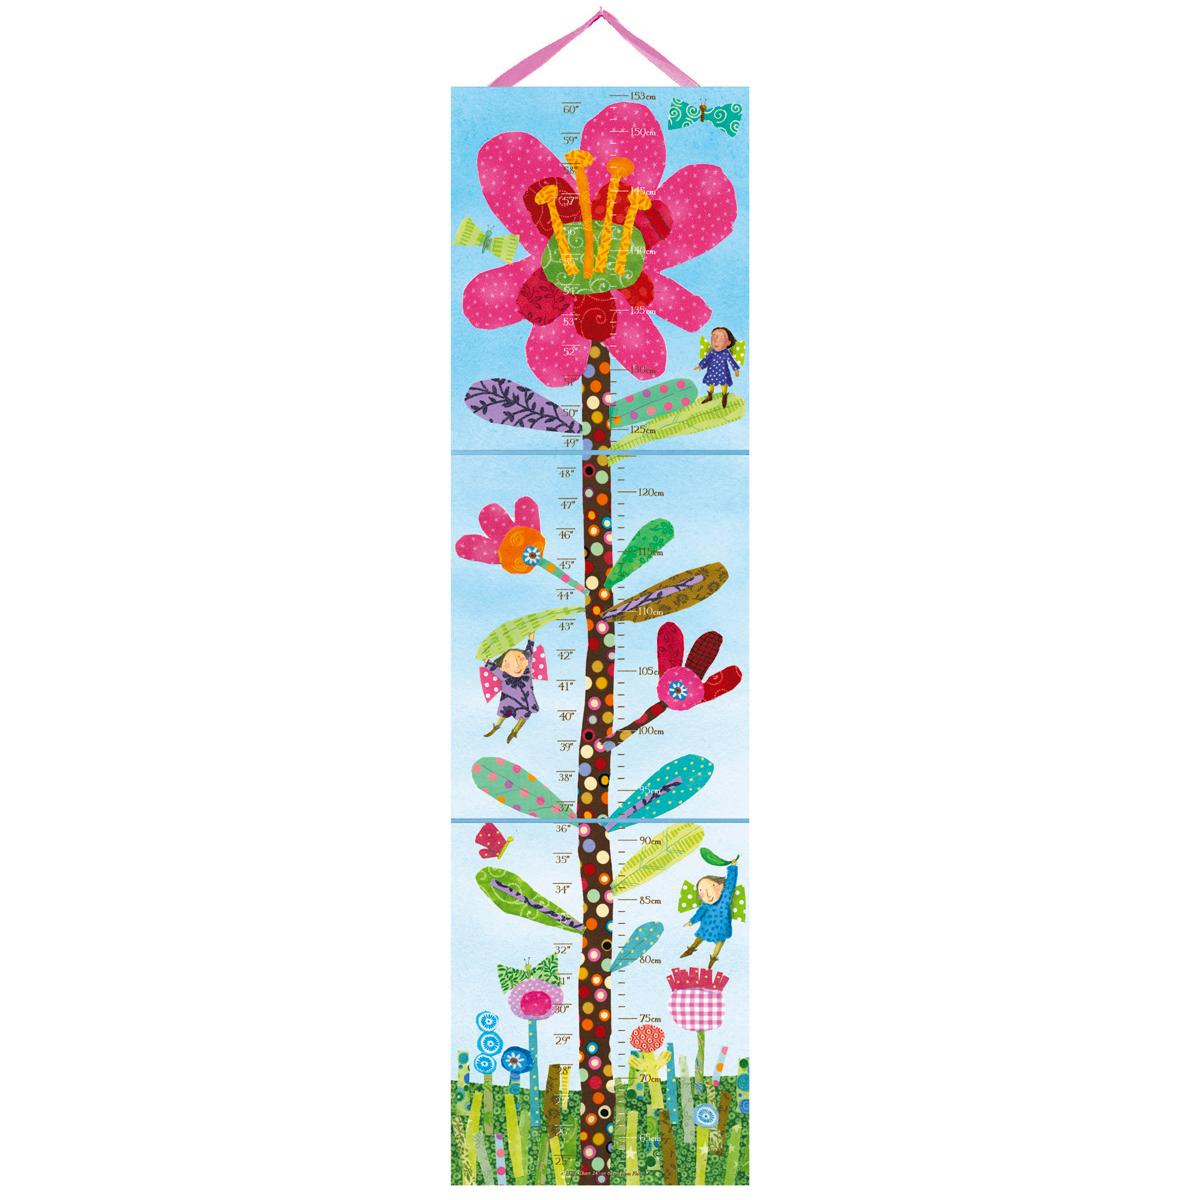 身長計 ピンクのお花